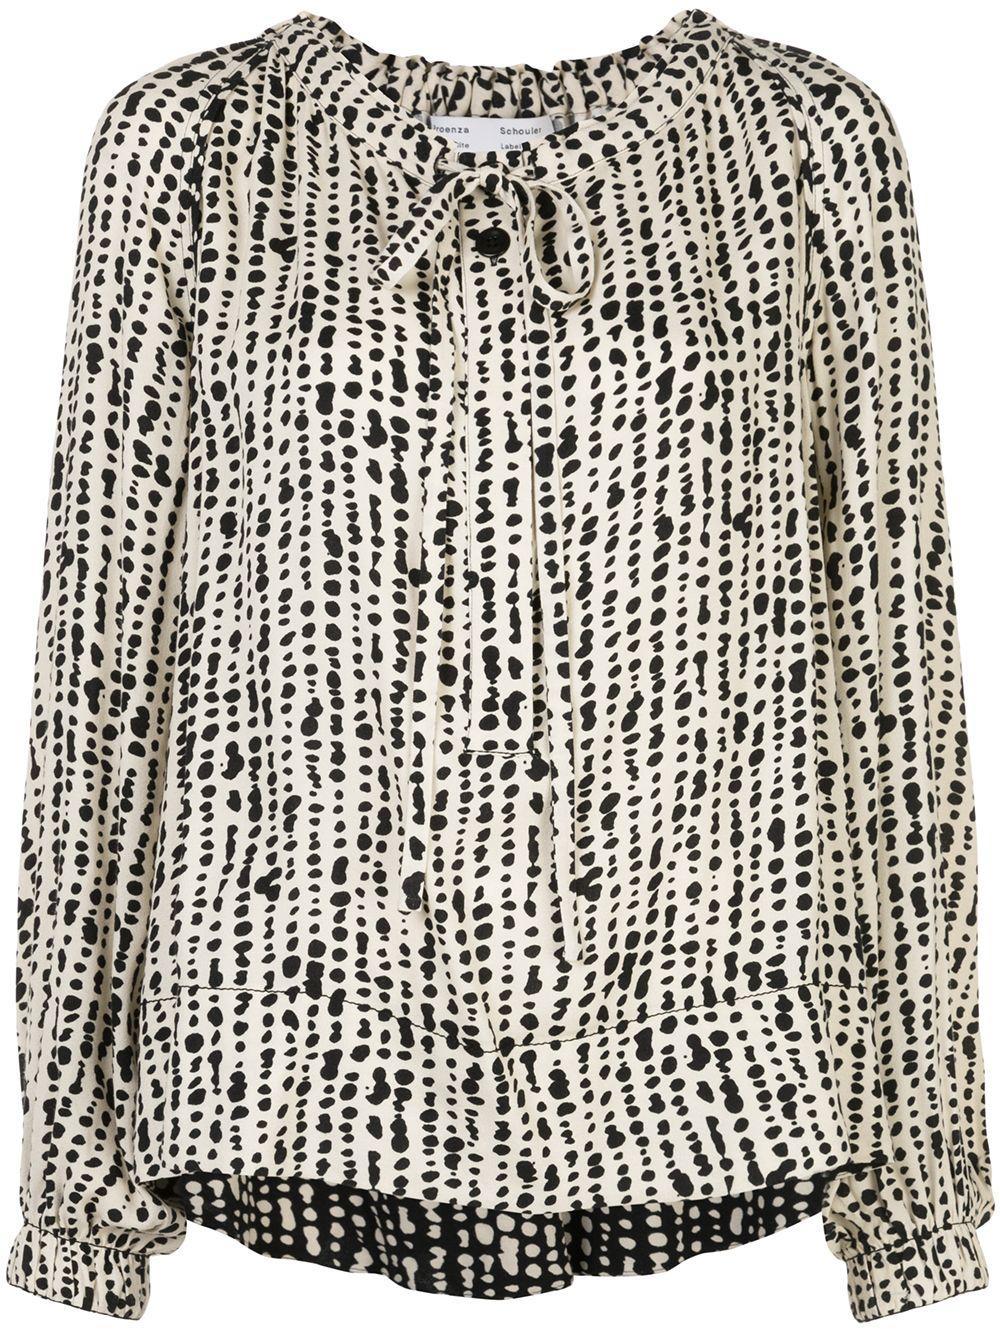 Proenza Schouler White Label блузка с узором в мелкую точку